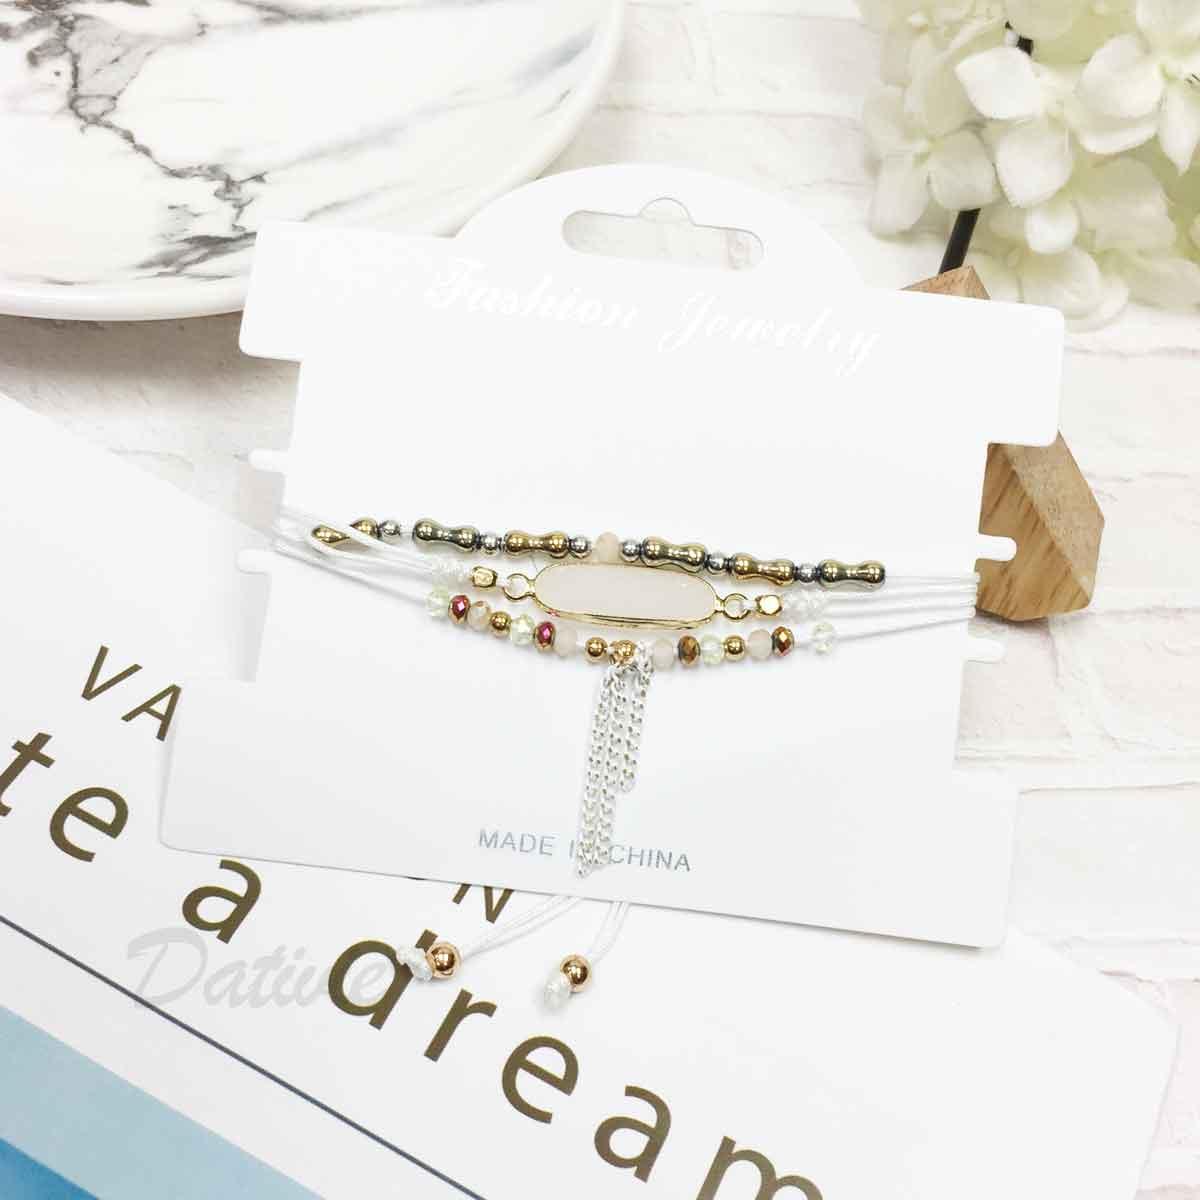 寶石 水晶 串珠 流蘇 小金珠 白色 編織 3入組 細繩 手繩 手鍊